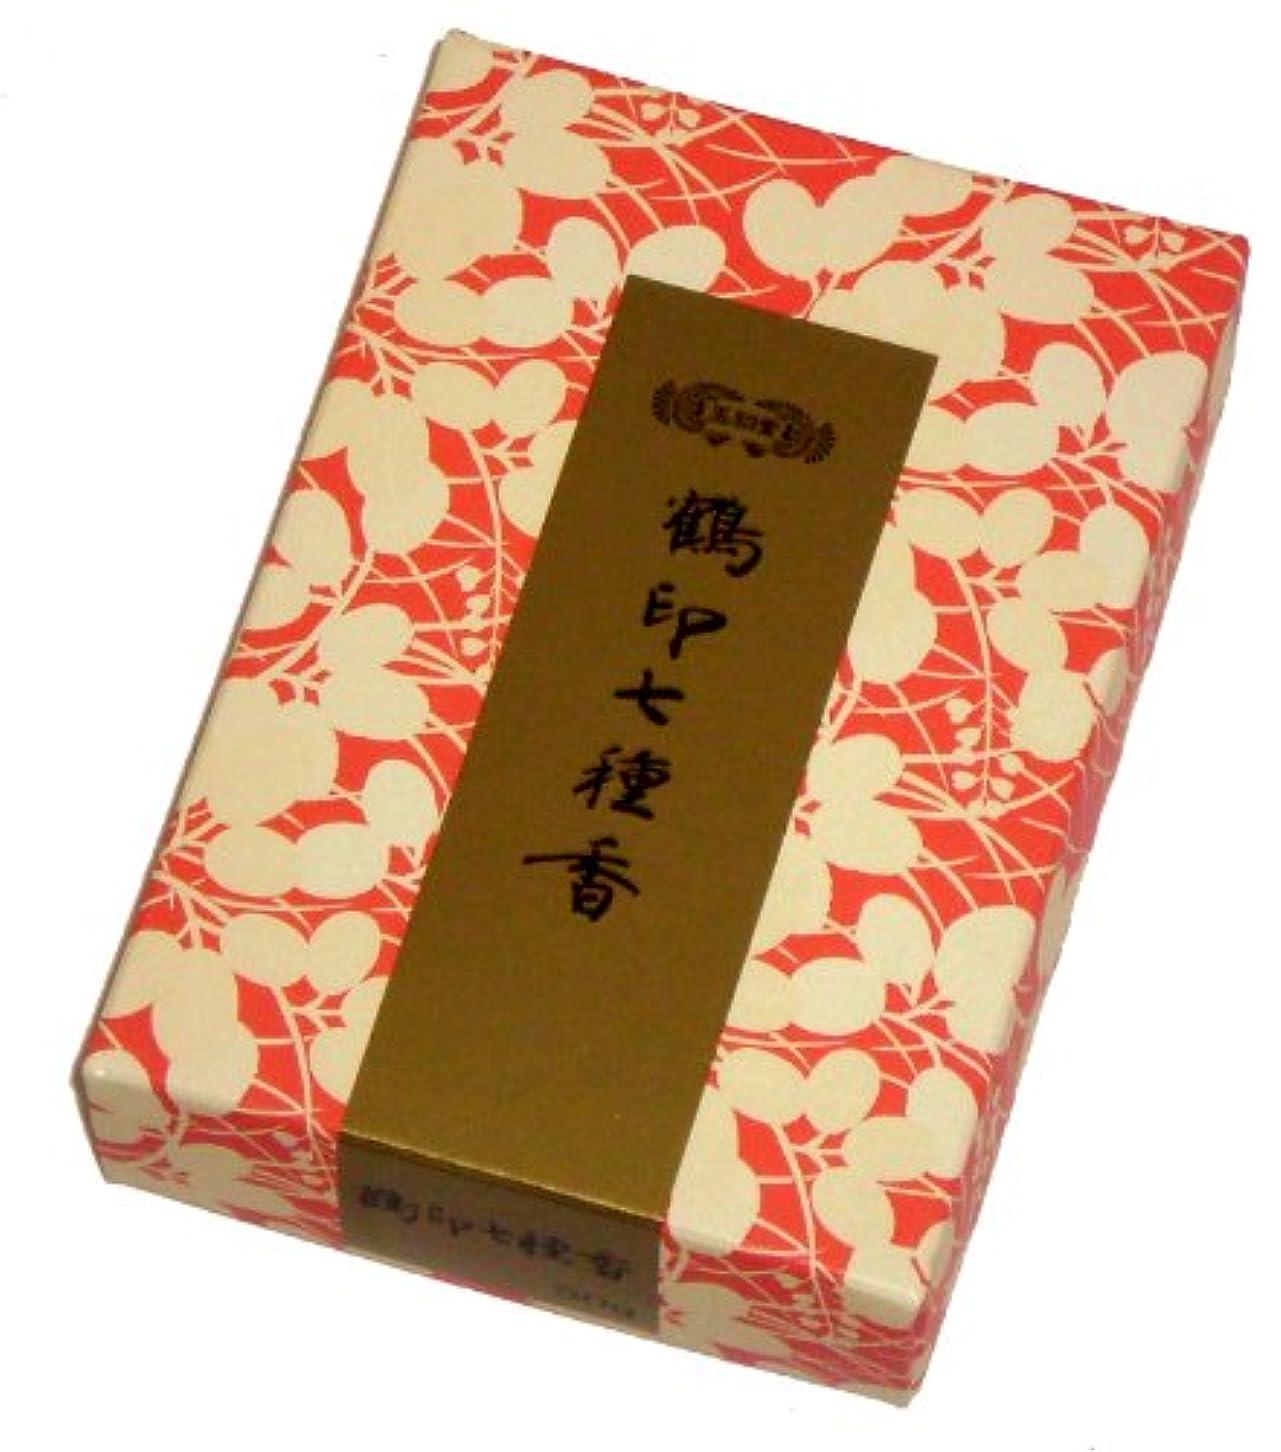 まっすぐ食い違いトランクライブラリ玉初堂のお香 鶴印七種香 30g #675